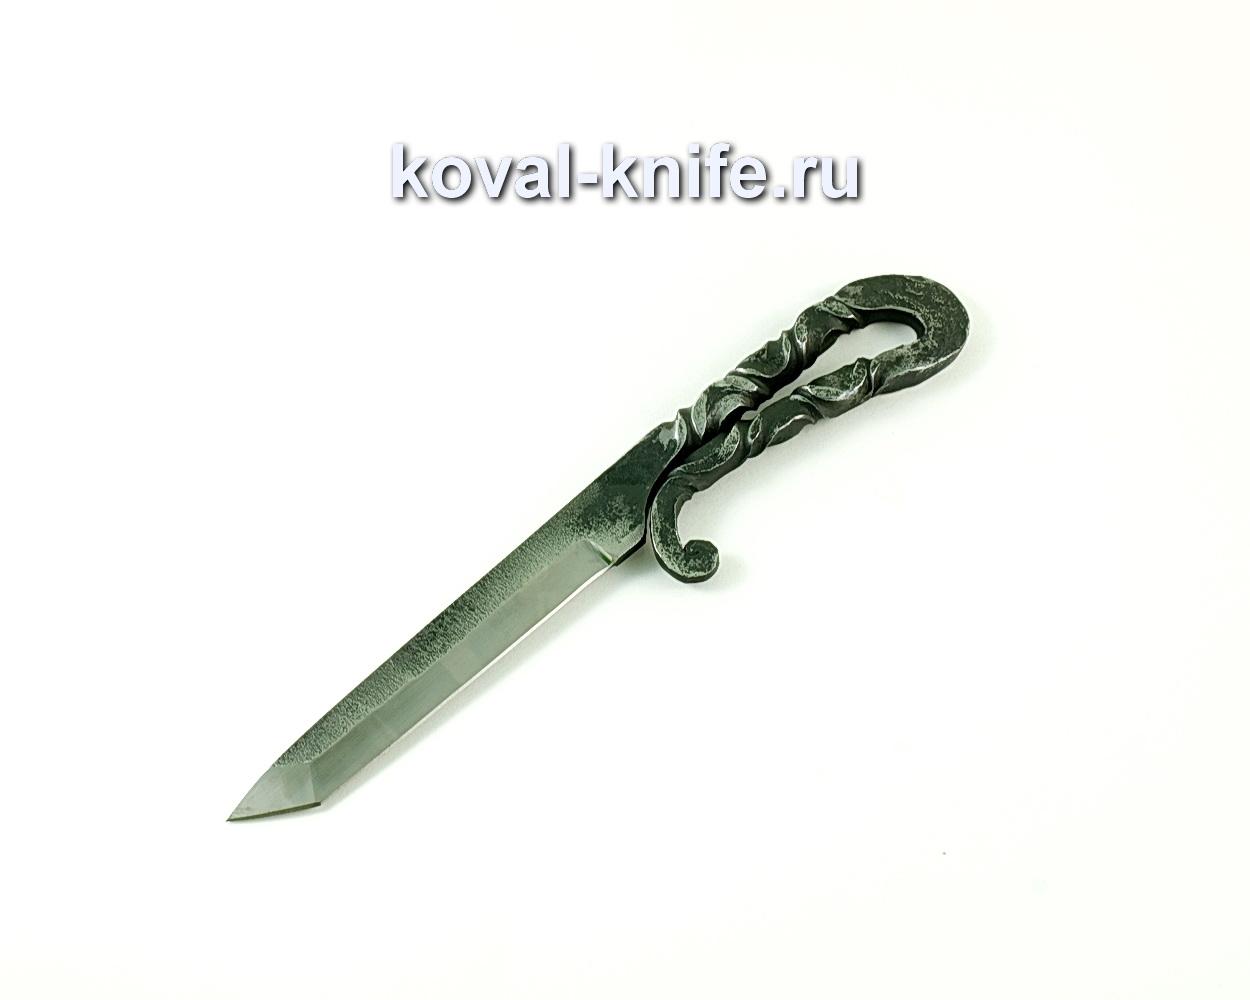 Нож Кобун (сталь 9хс), рукоять сталь 9хс A160